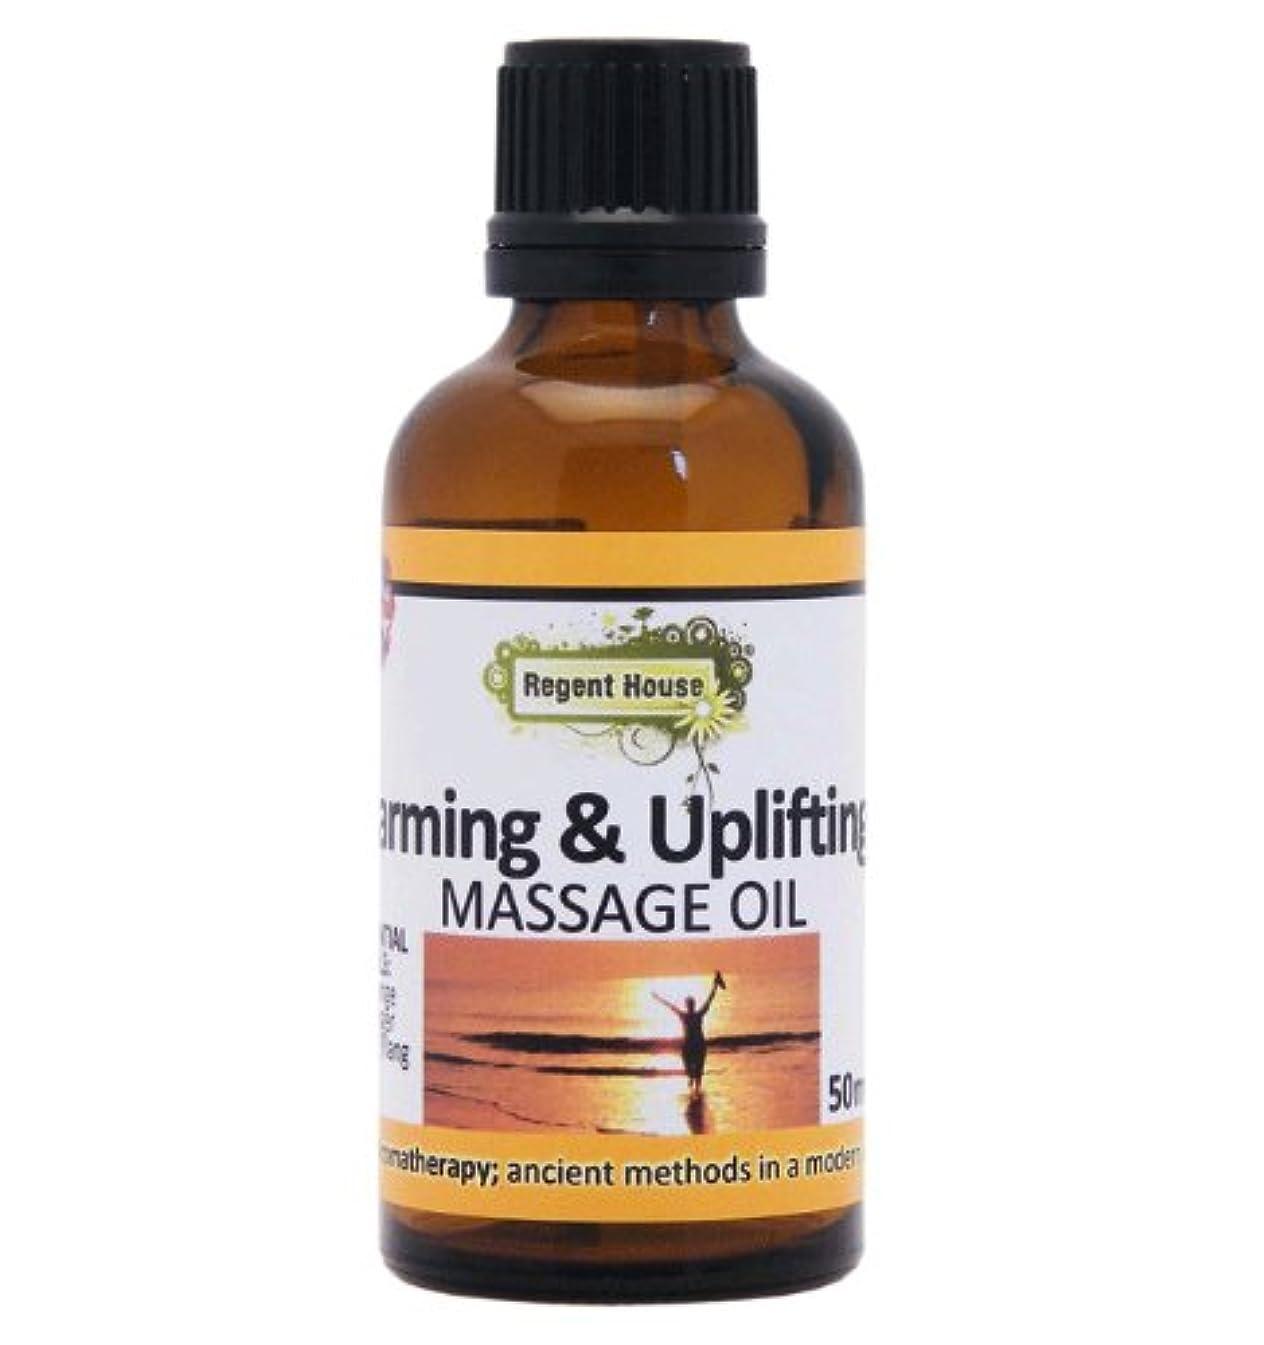 セマフォ進行中大騒ぎイタリア産の天然オレンジ精油を、たっぷり配合。 アロマ ナチュラル マッサージオイル 50ml ウォーミング&アップリフティング(Aroma Massage Oil Warming & Uplifting)